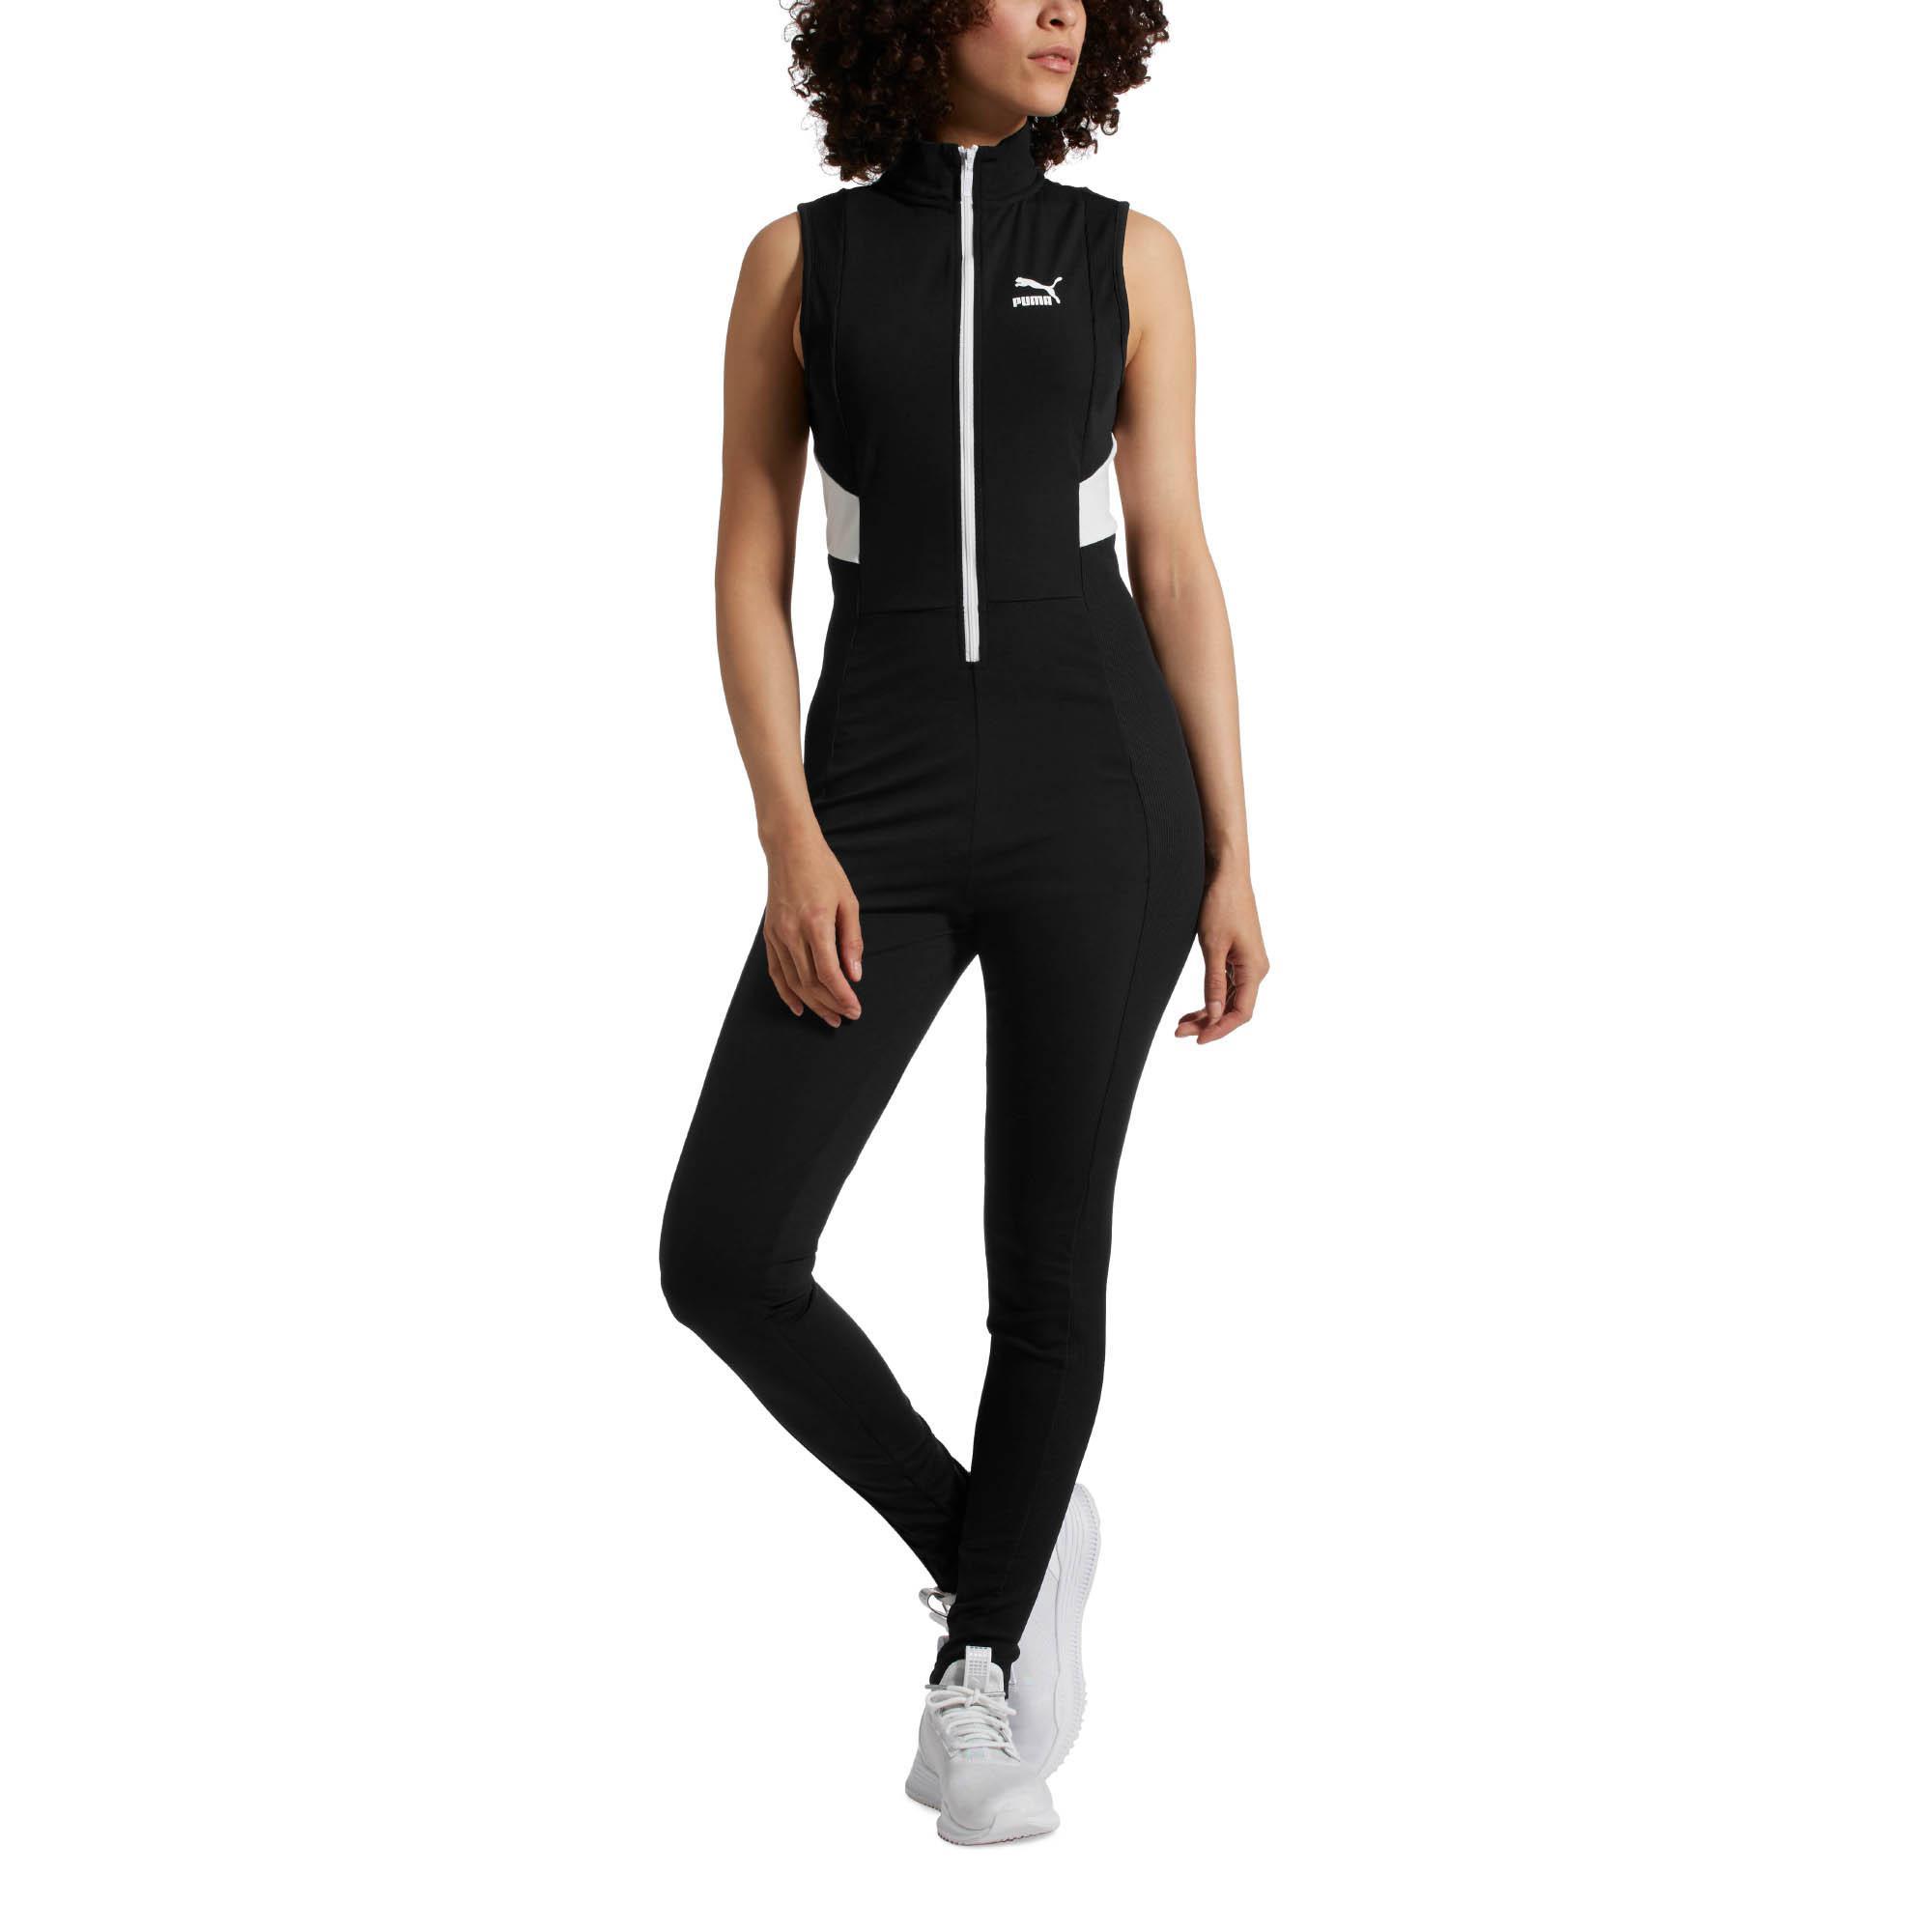 PUMA - Black Retro Rib Overall Jumpsuit - Lyst. View fullscreen 12b2ff73b